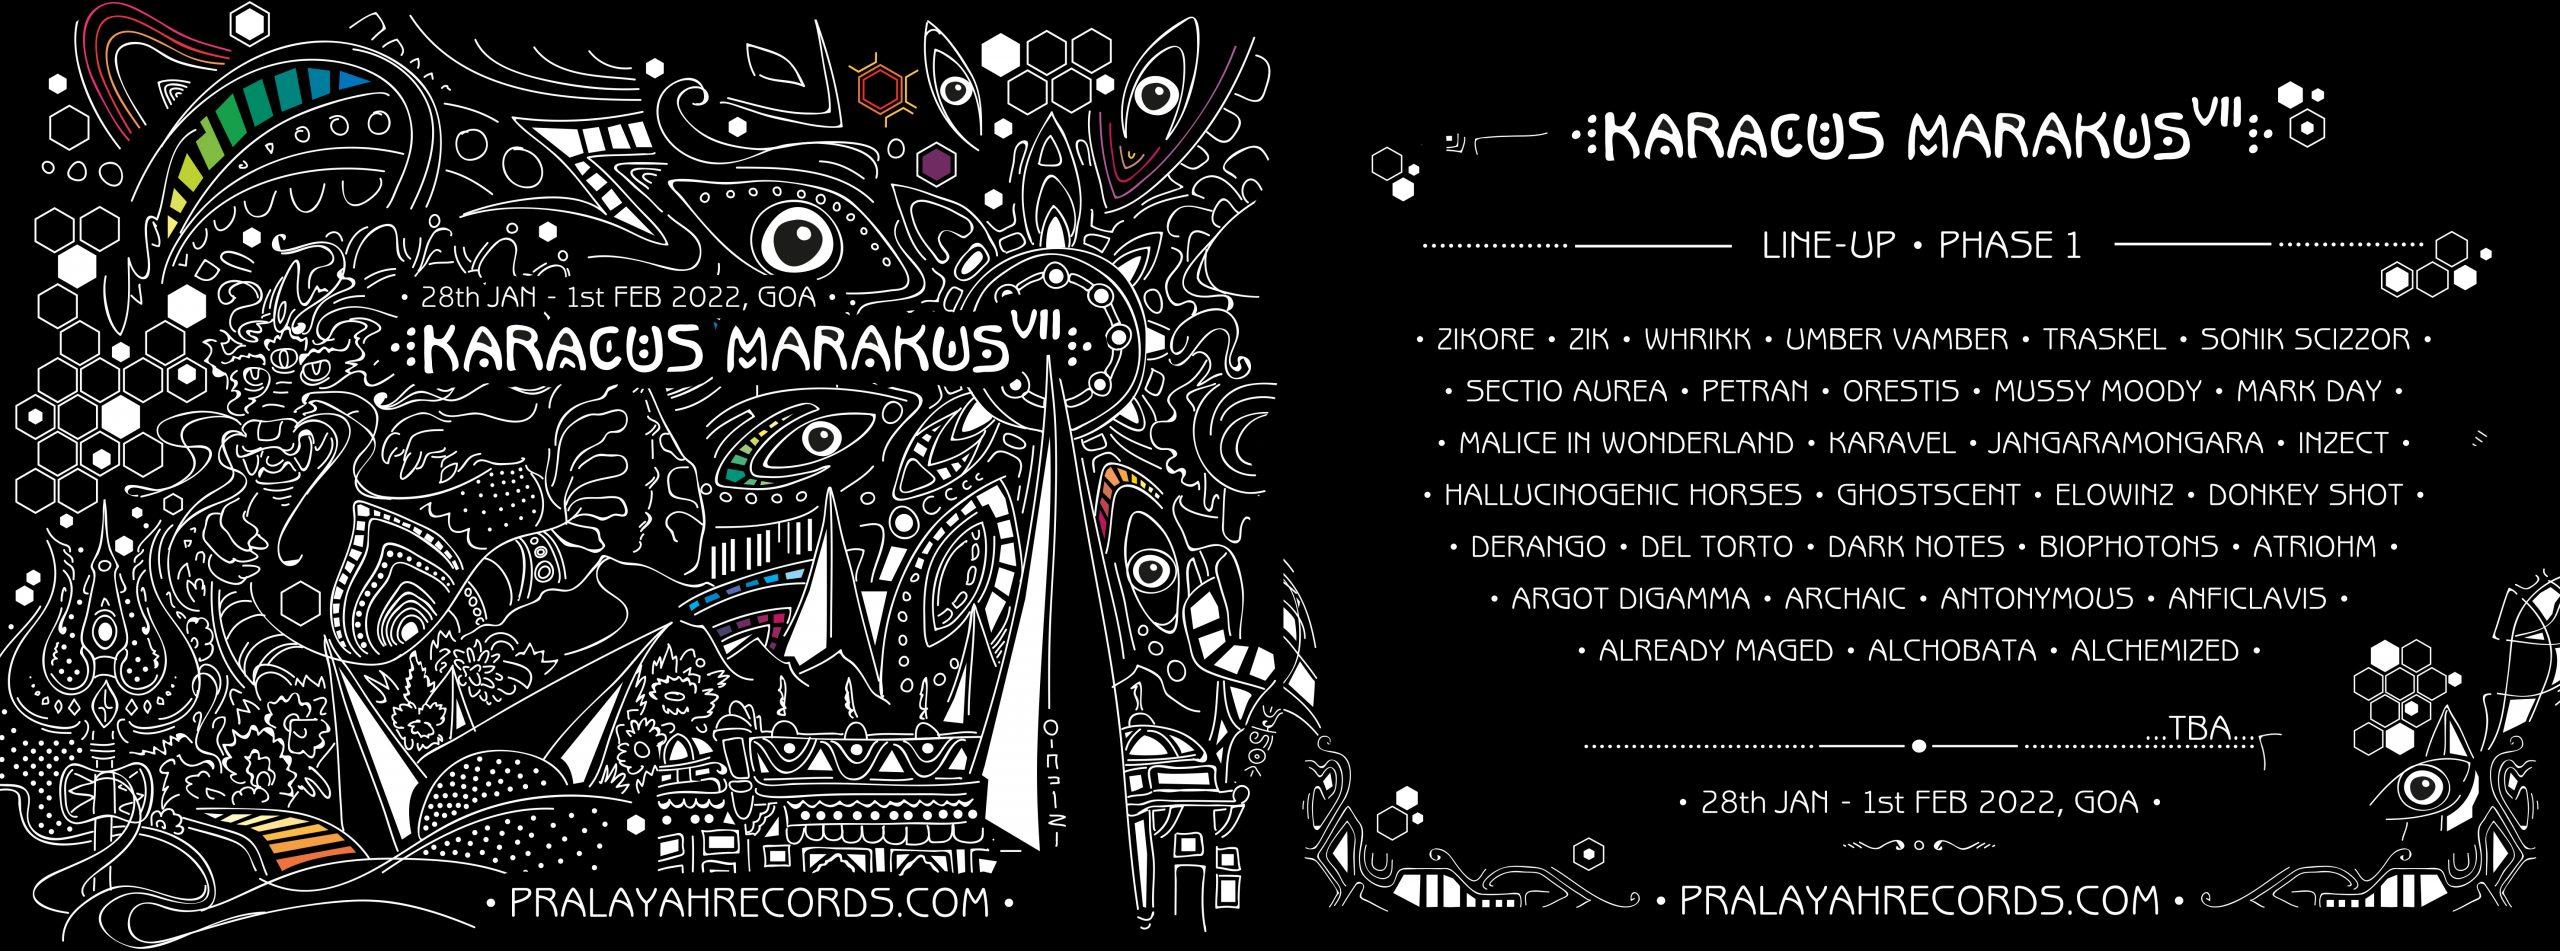 post - Karakus Marakus VII - horisontal